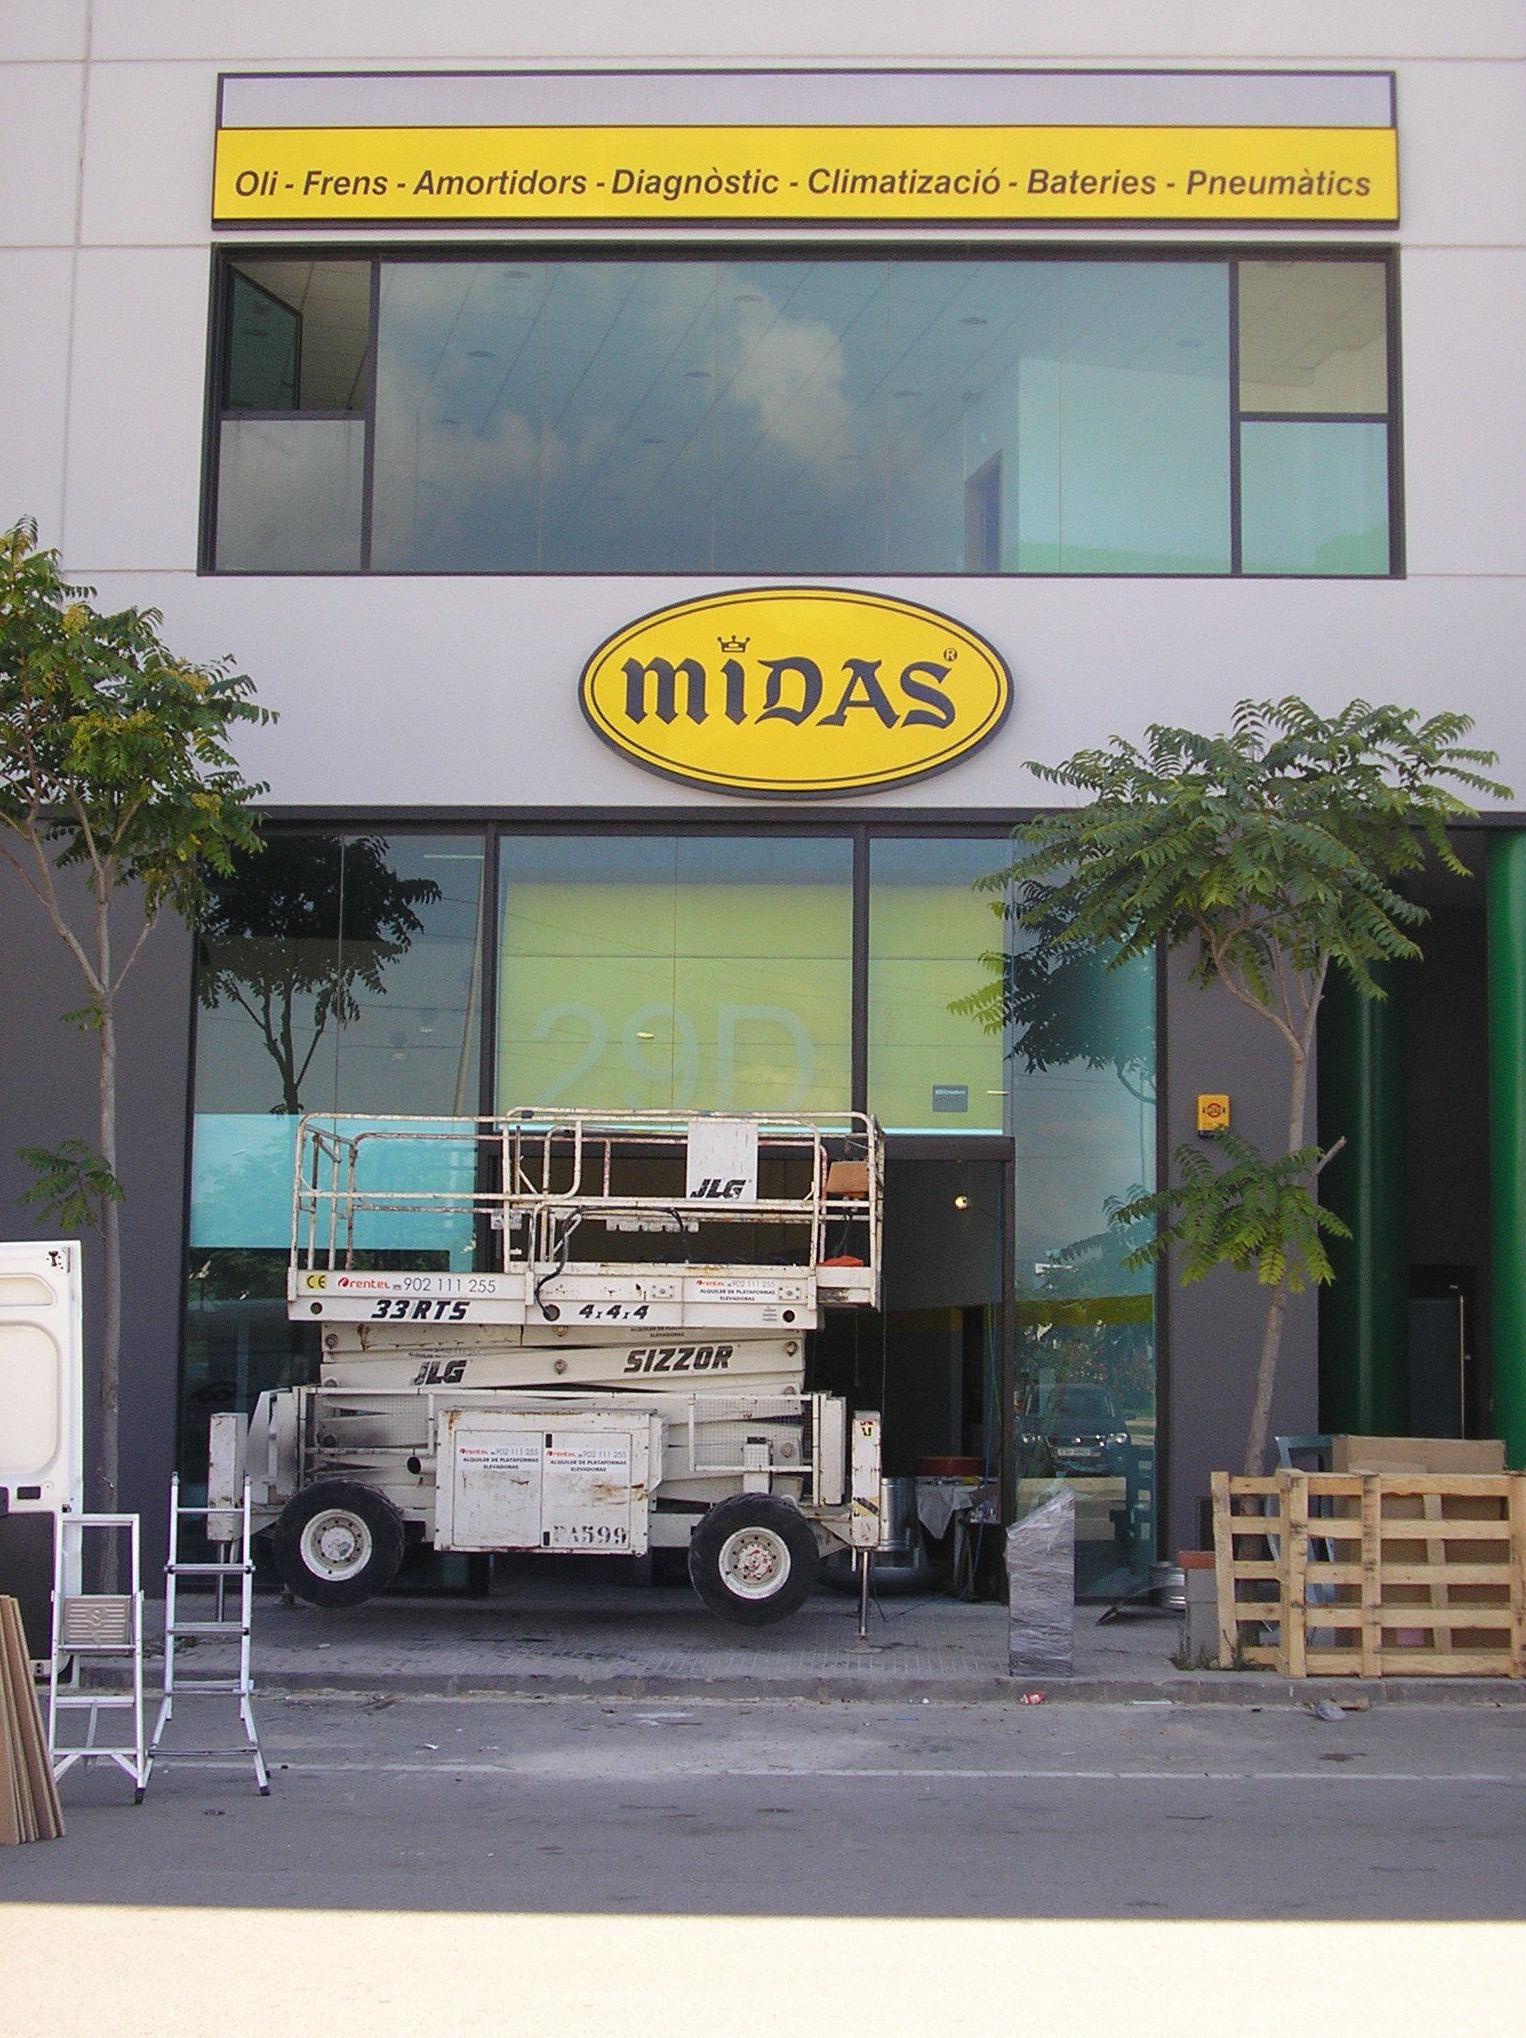 Instalación de puertas y ventanas de aluminio para empresa Midas